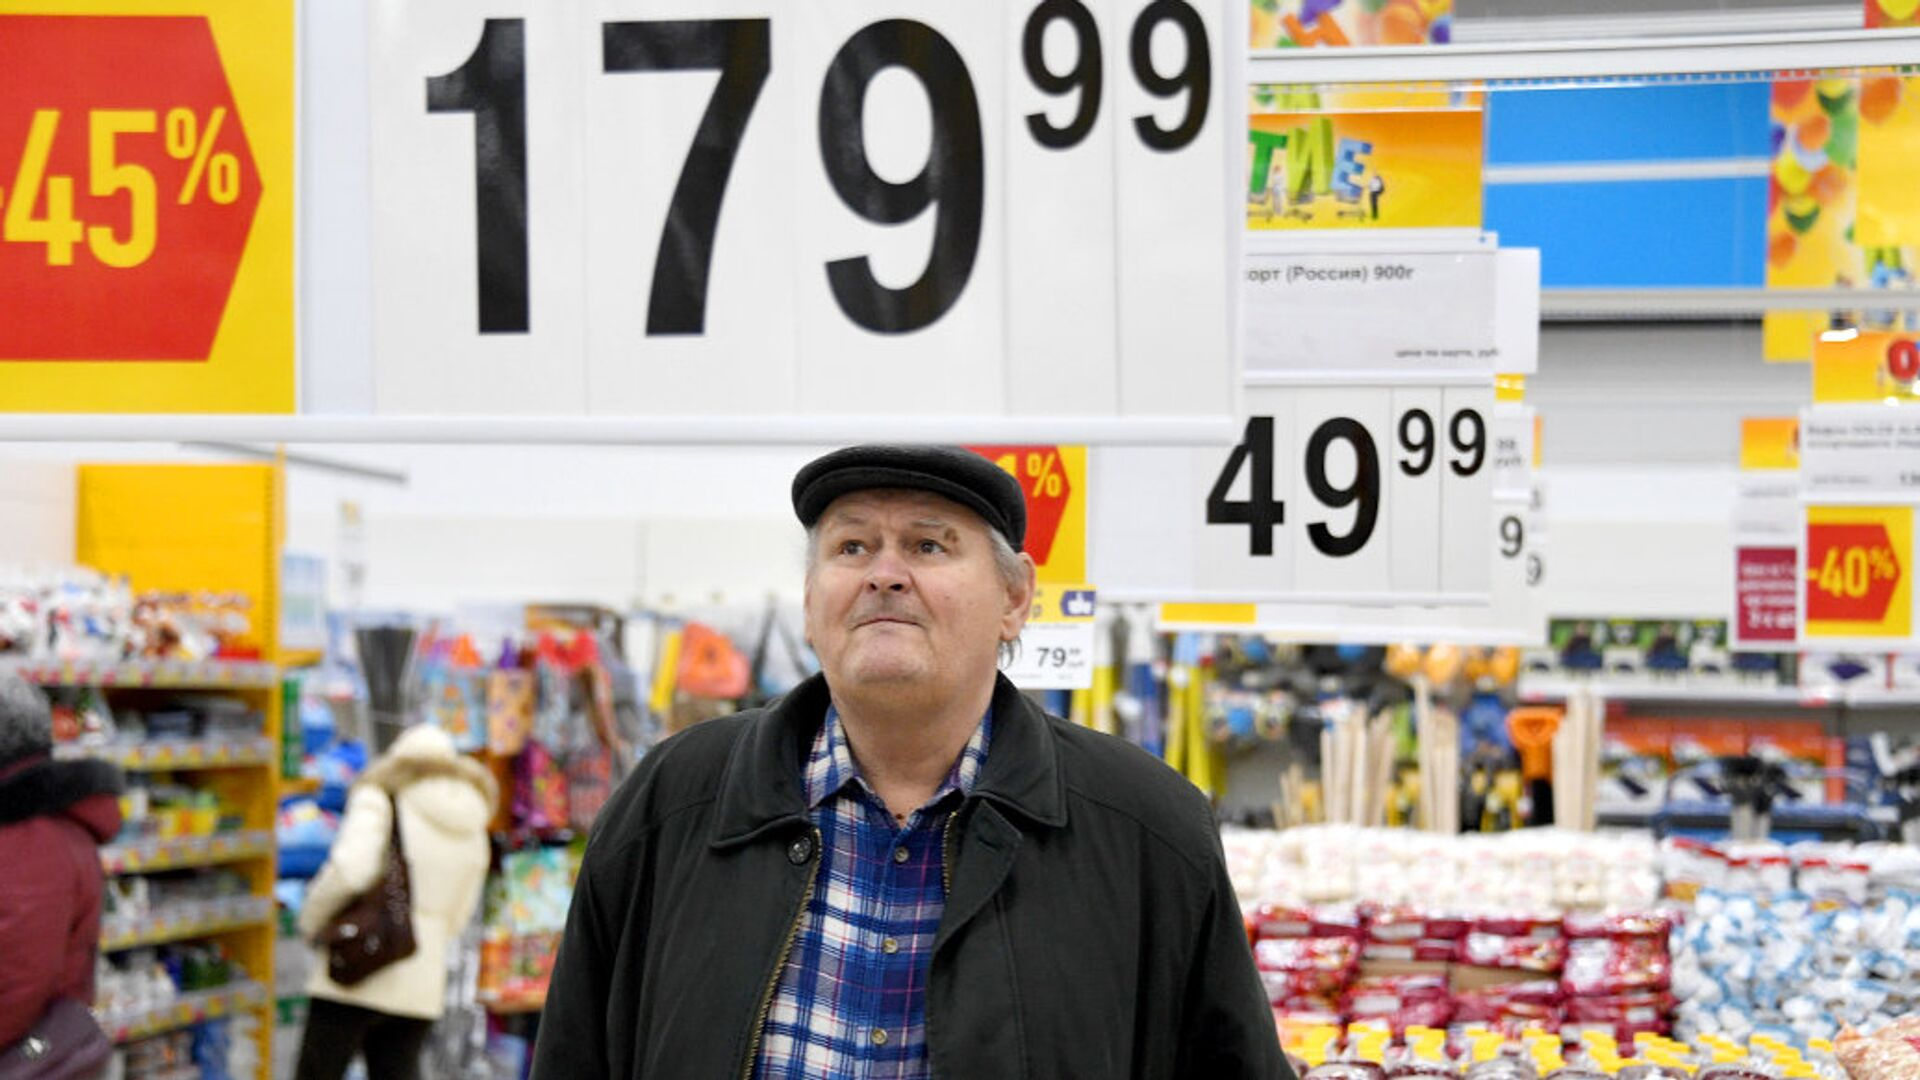 Покупатель в супермаркете - РИА Новости, 1920, 20.06.2021